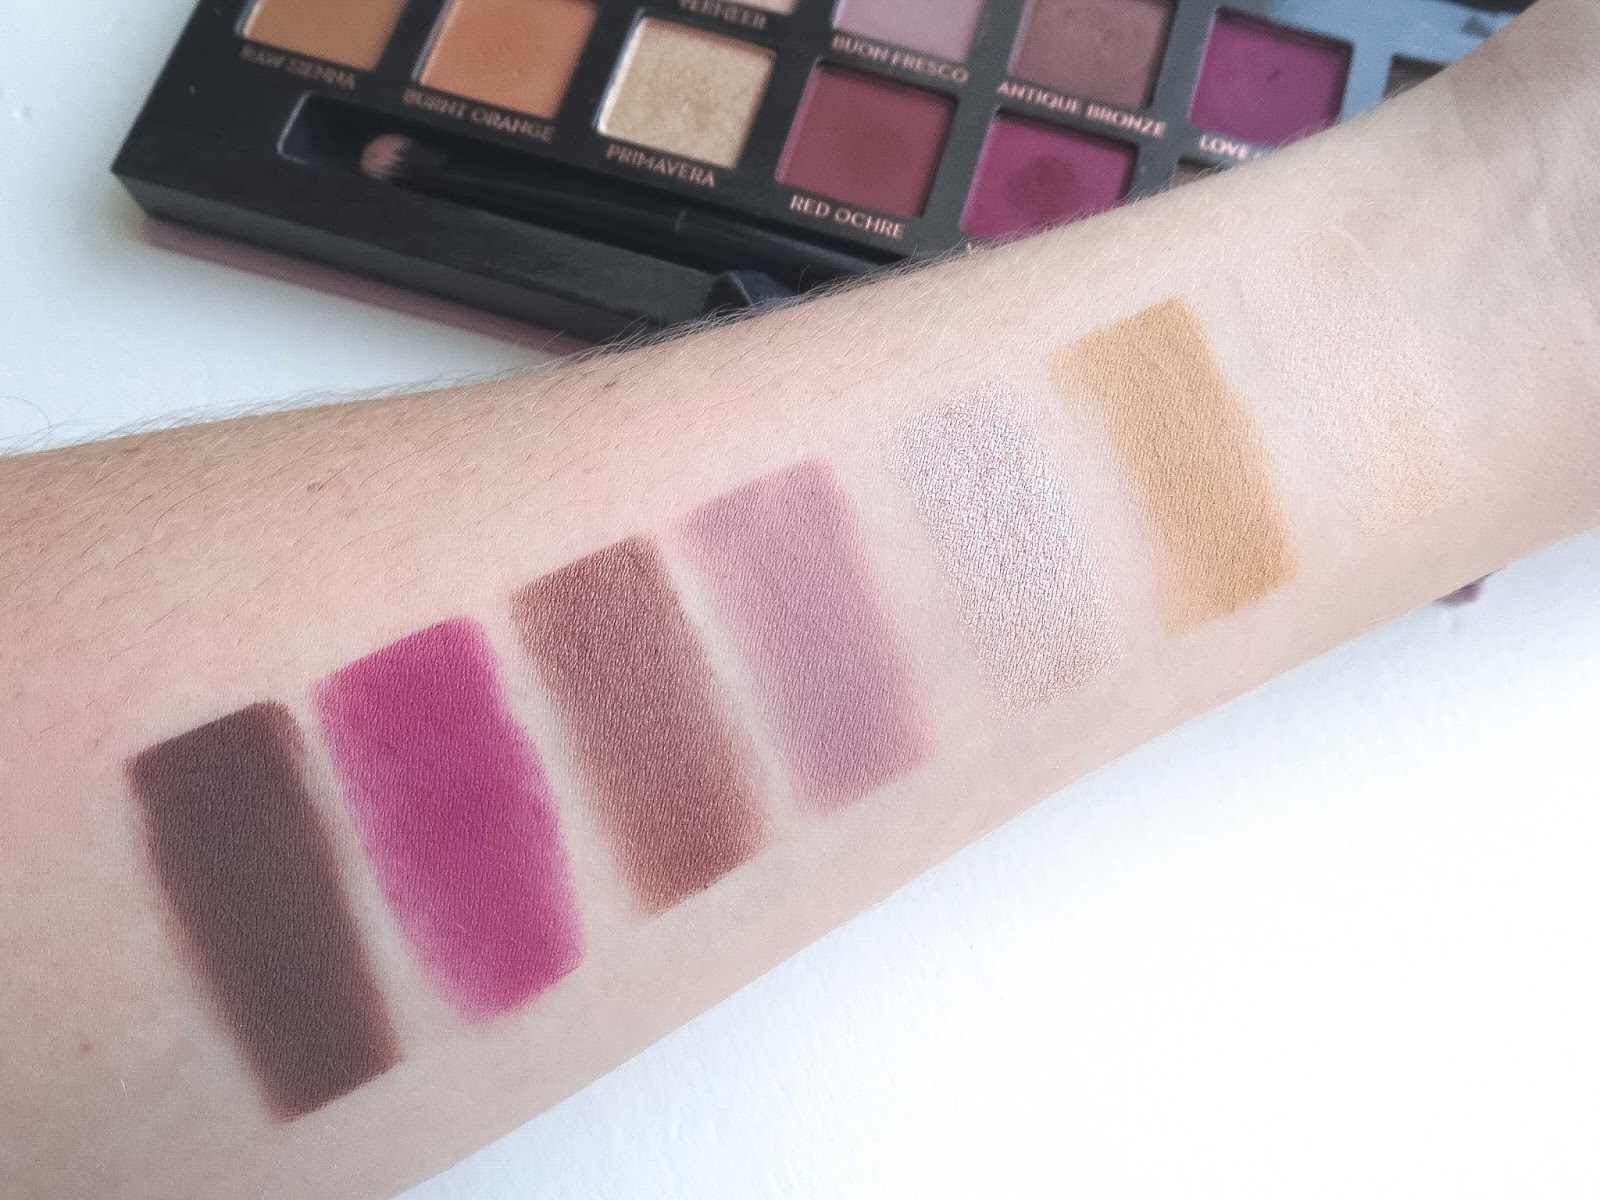 Modern Renaissance Eyeshadow Palette by Anastasia Beverly Hills #9